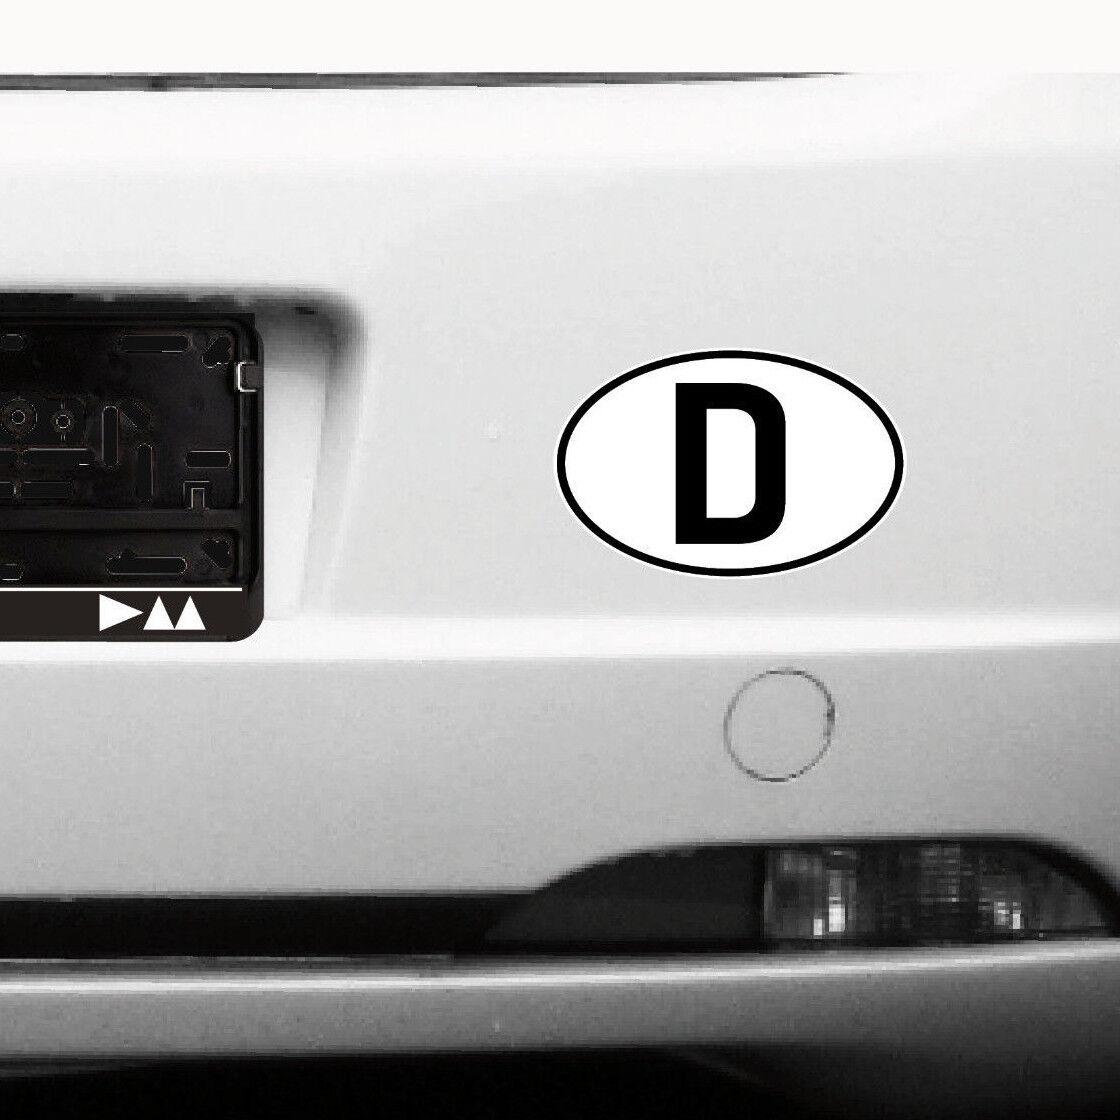 brd d deutschland aufkleber sticker l nderkennzeichen auto schild zeichen symbol kaufen bei. Black Bedroom Furniture Sets. Home Design Ideas